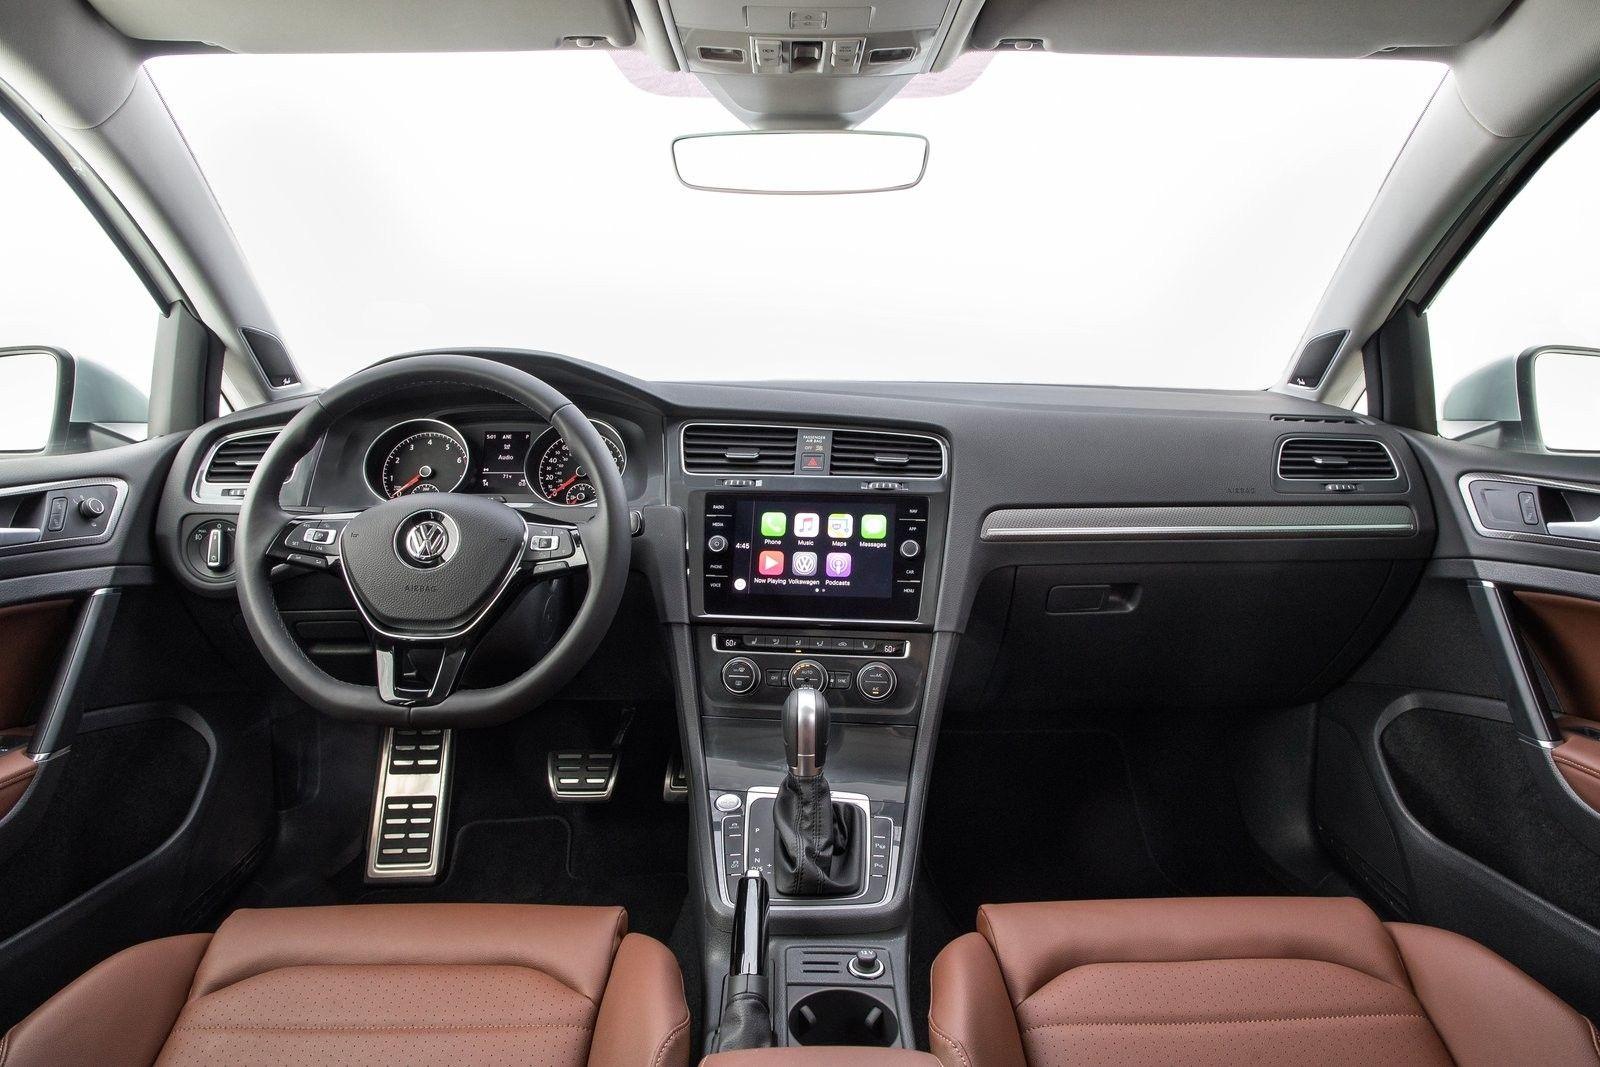 2019 Volkswagen Golf Sportwagen Alltrack Review and Specs